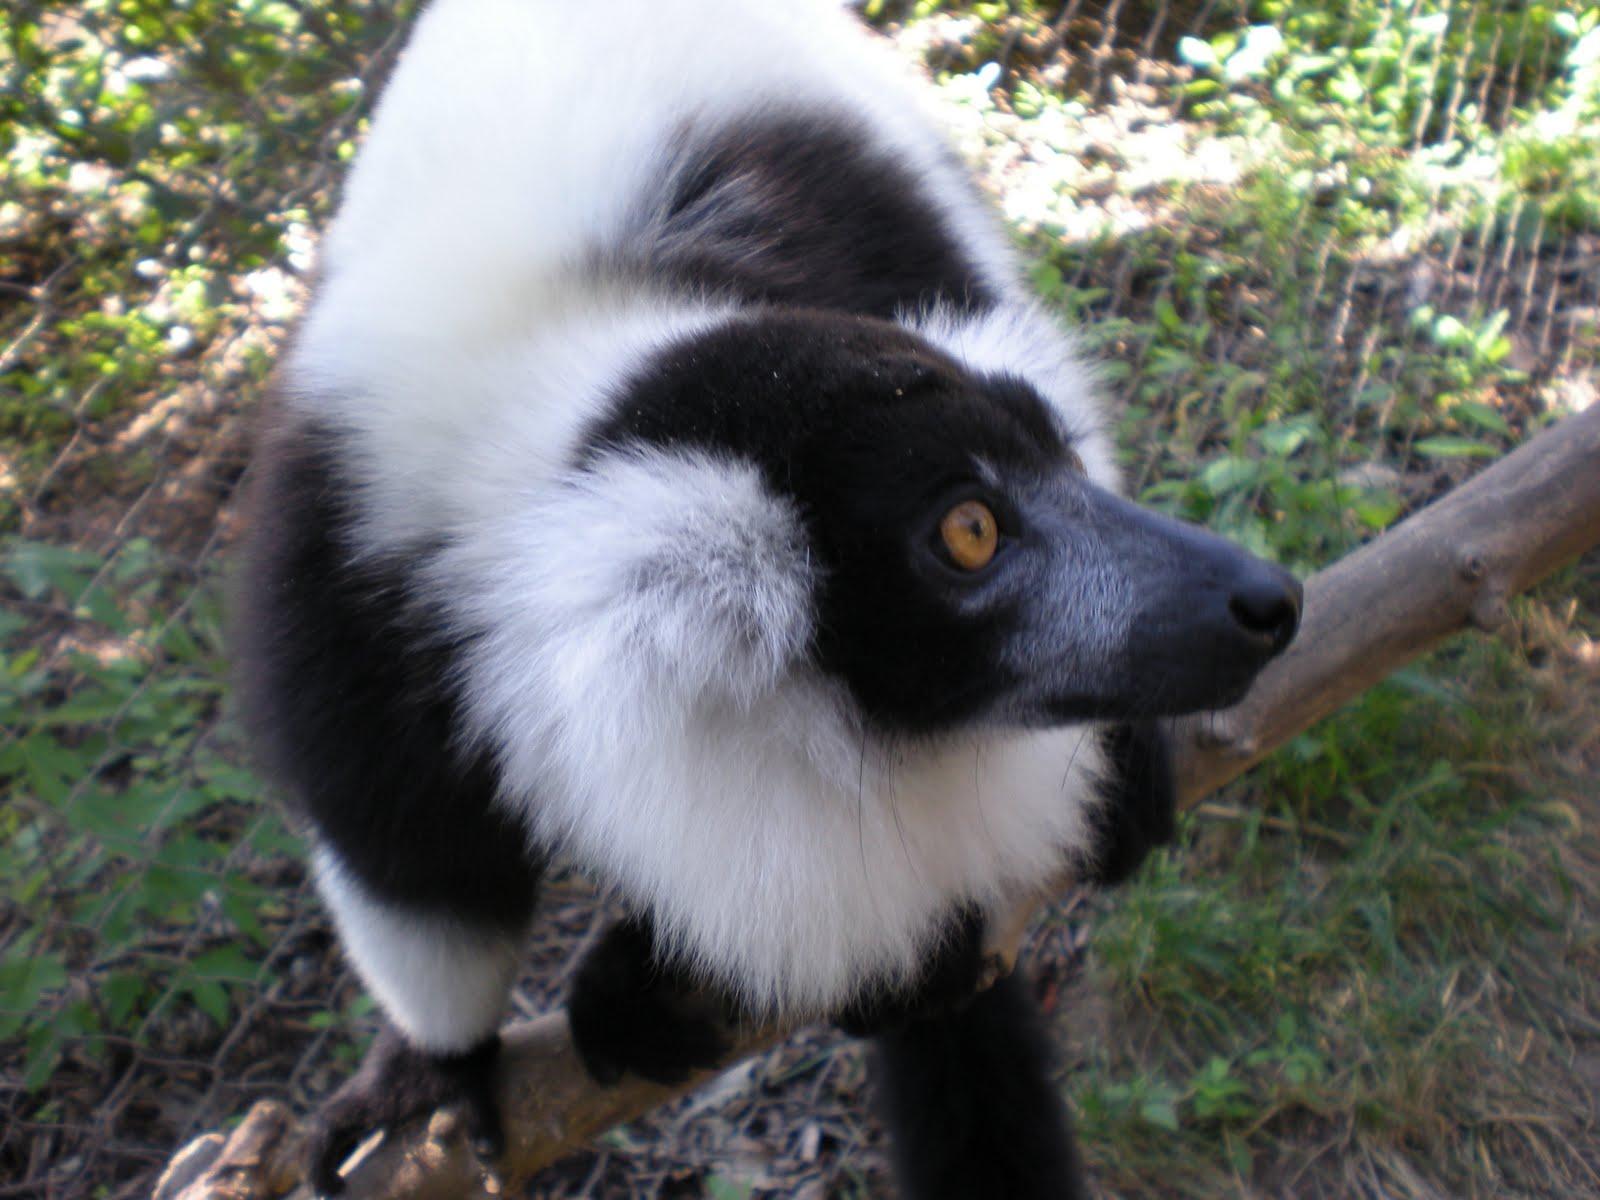 Baby aye aye lemur - photo#27